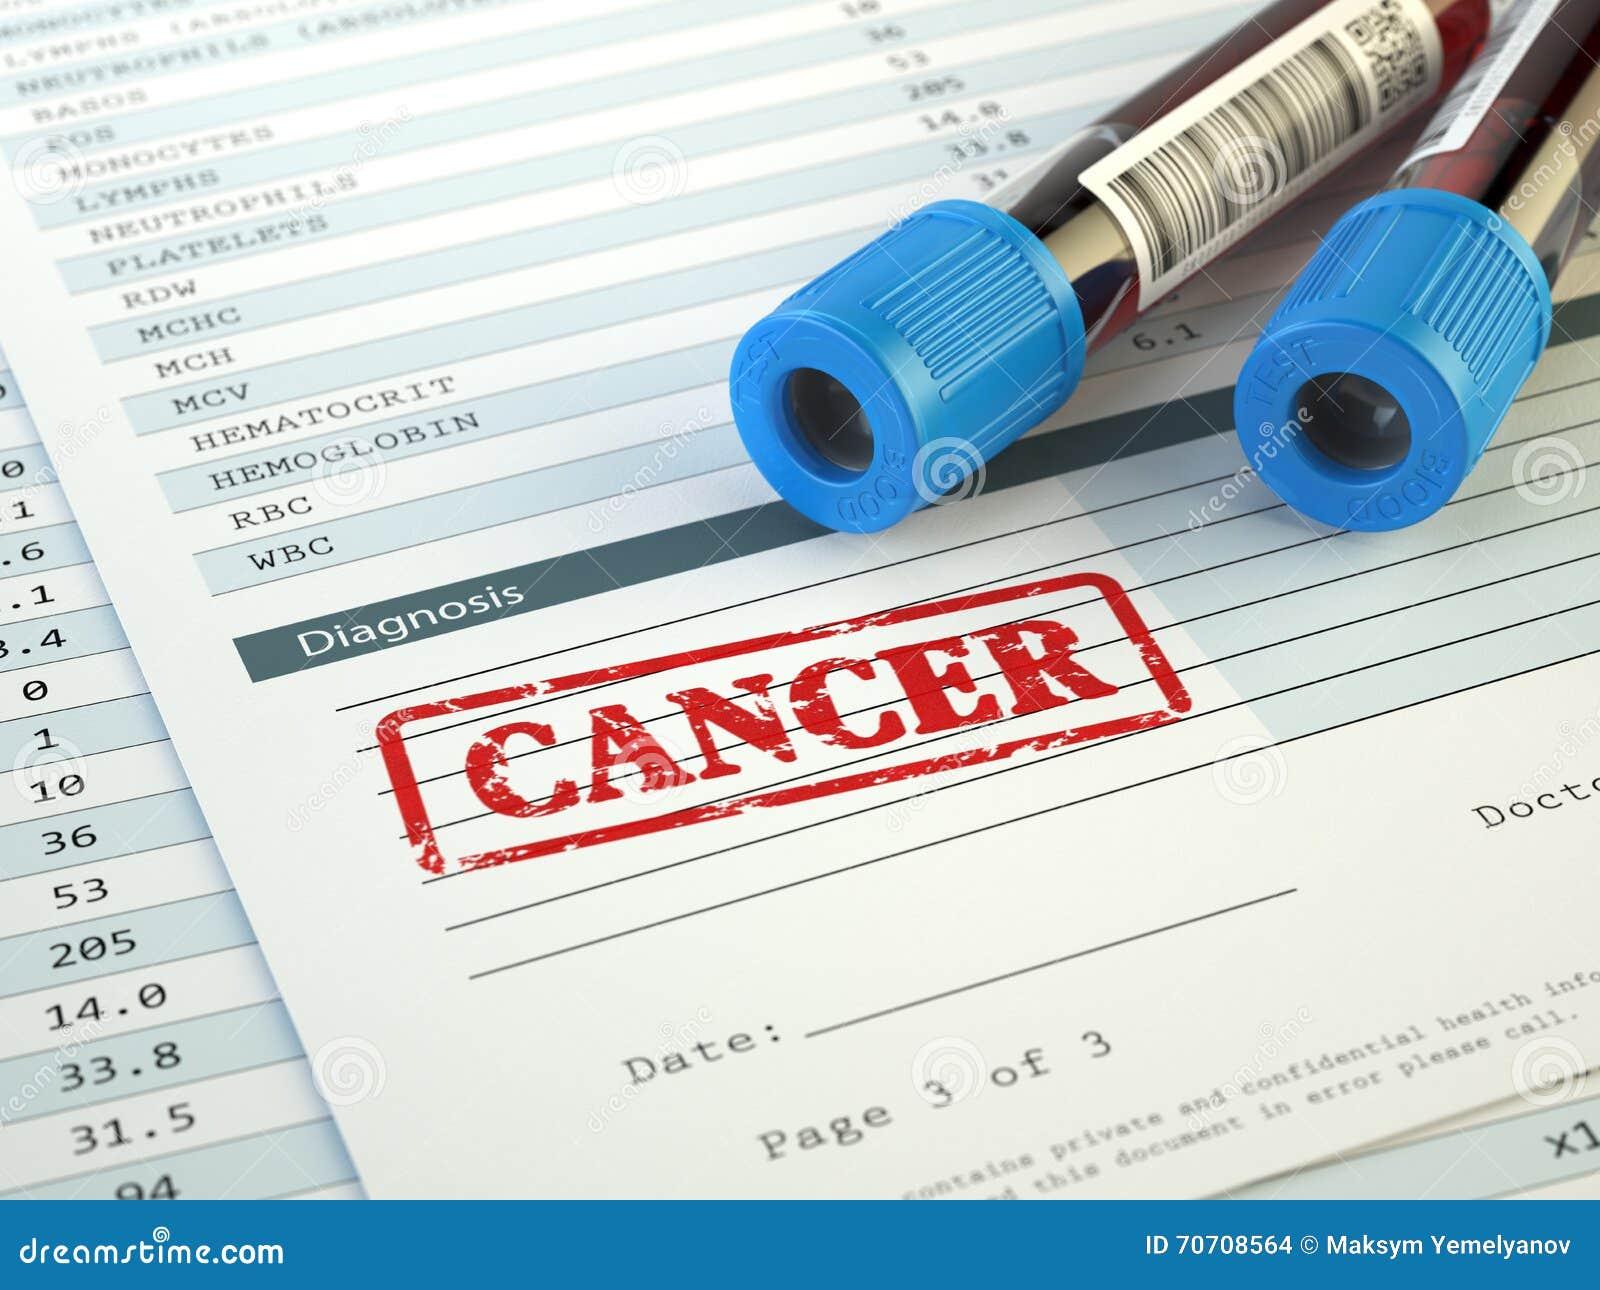 qimr melanoma test - photo #50